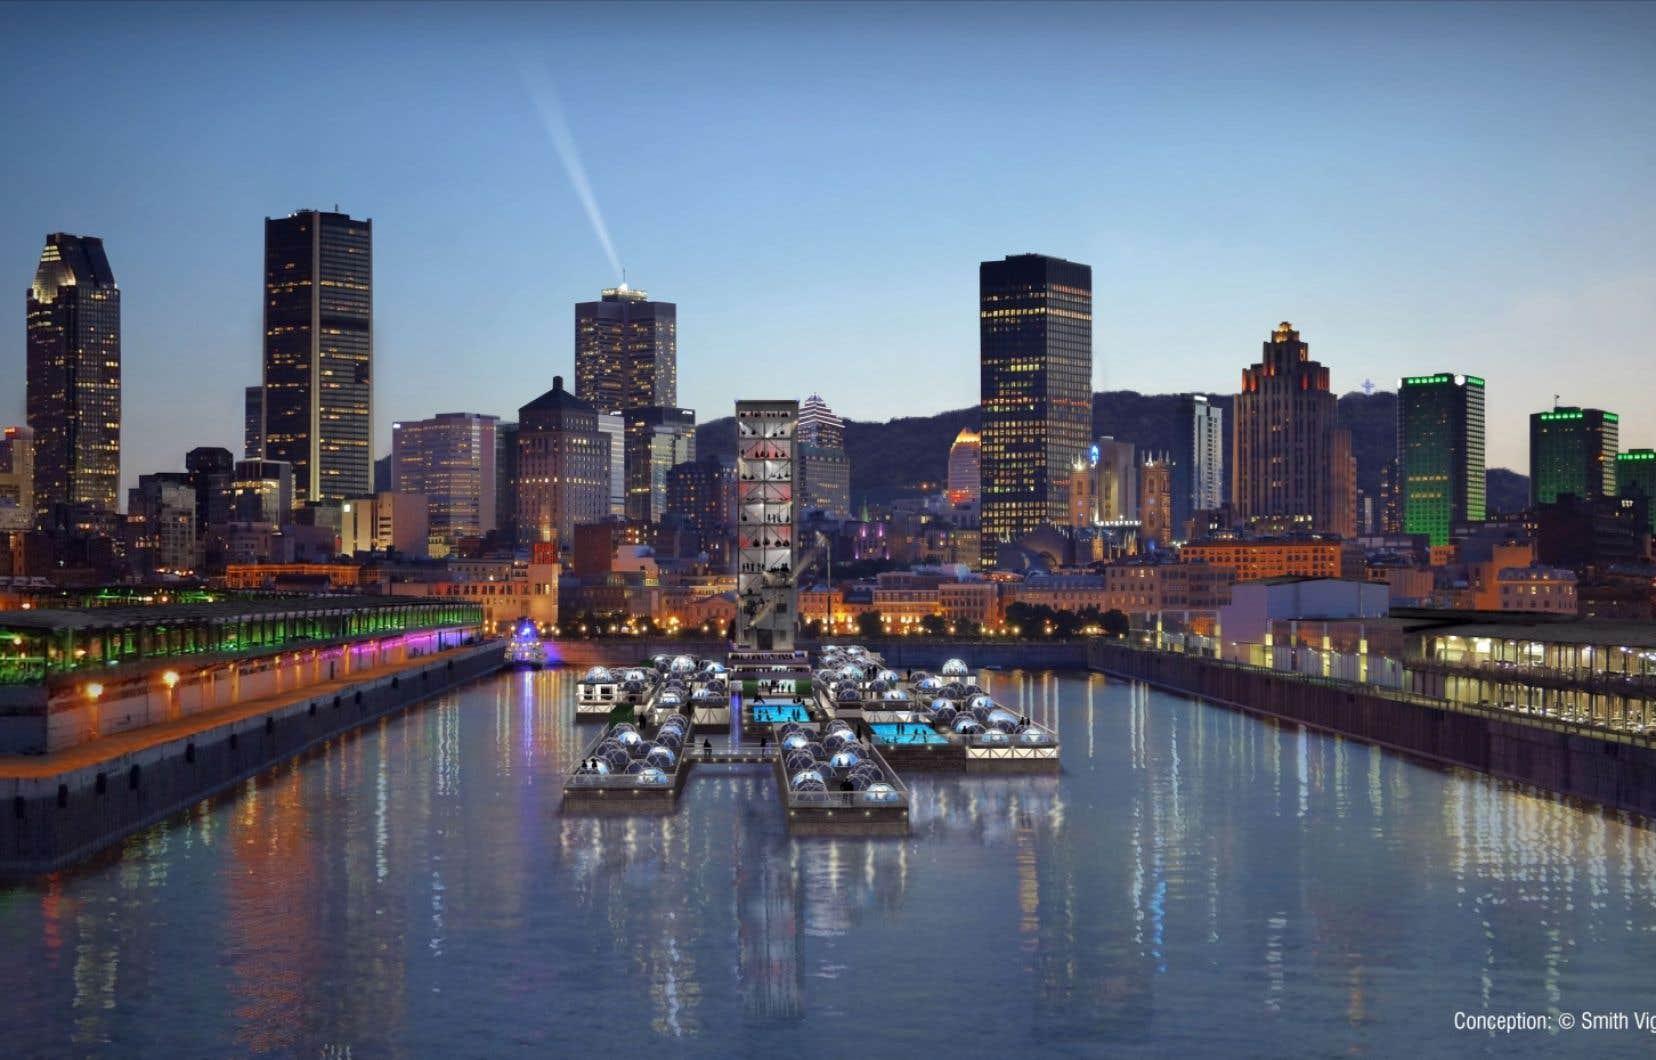 Les architectes Vincent Léger et Daniel Smith font partie d'un groupe d'architectes, d'ingénieurs et de férus de développement urbain qui planchent depuis le printemps sur un projet de plateforme flottante dans le Vieux-Port de Montréal.